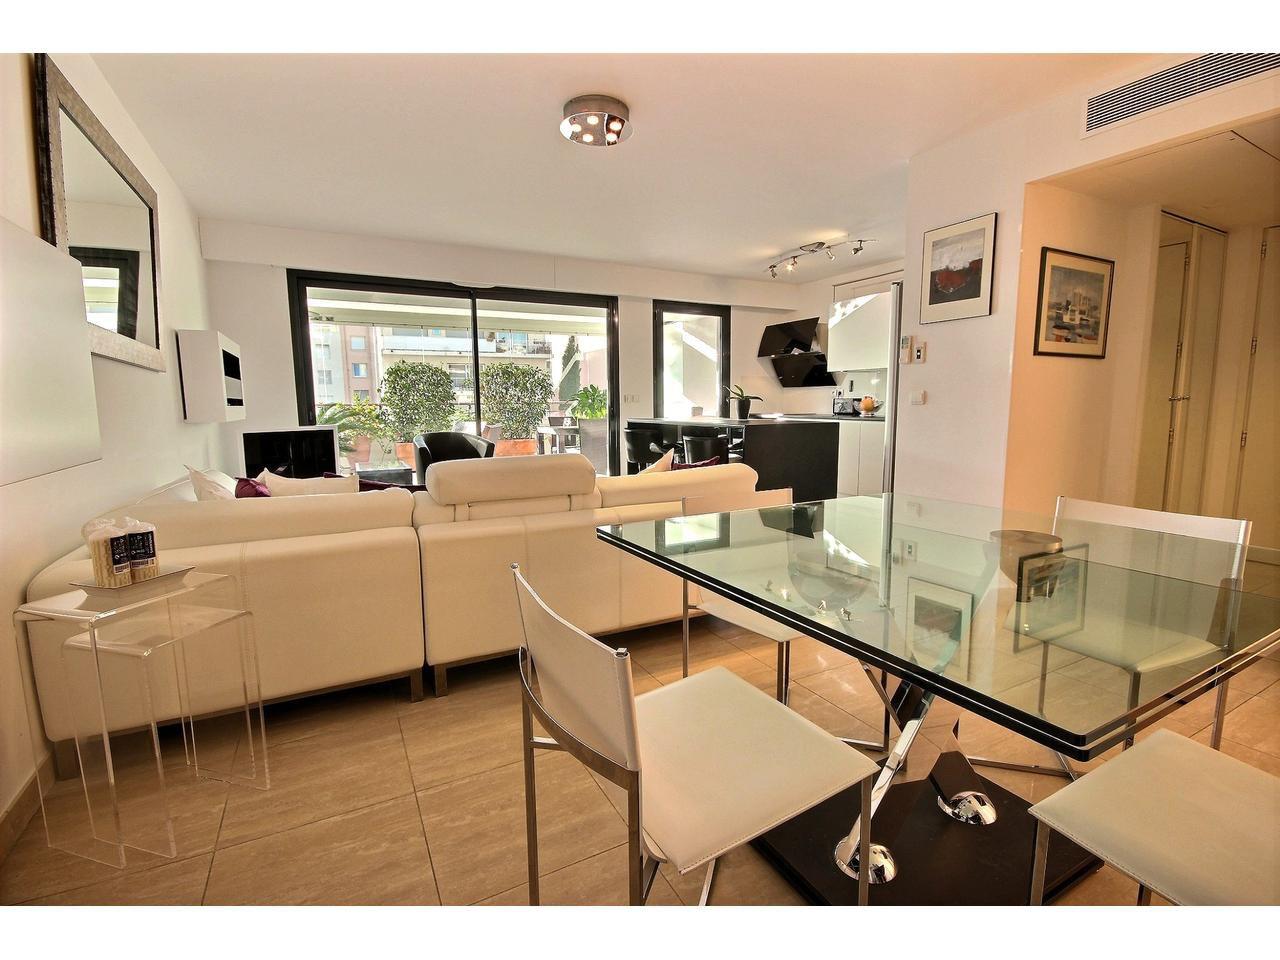 Cannes Basse Californie Appartement 3 Pièces à vendre standing